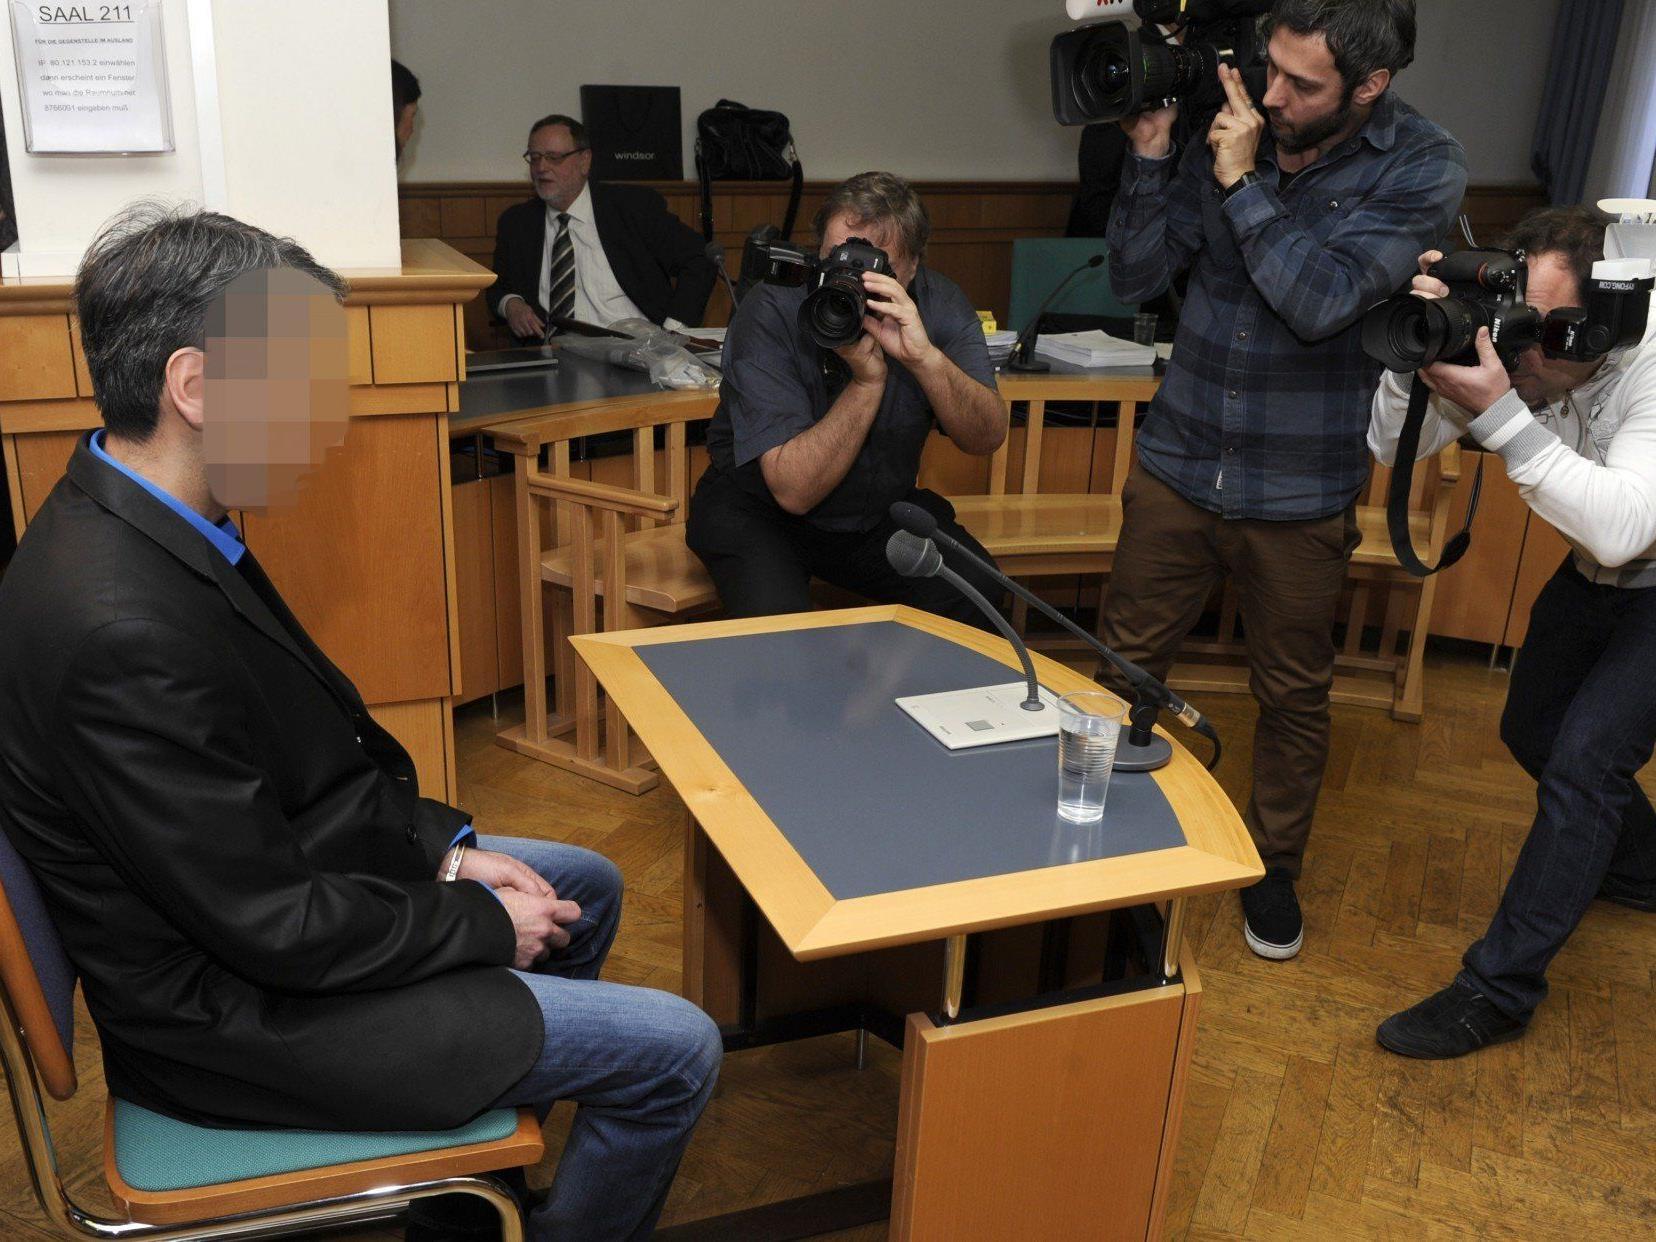 Am Freitagabend wurde der 44-Jährige, der auf seinen Ex-Chef schoss, zu 3,5 Jahren Haft verurteilt.